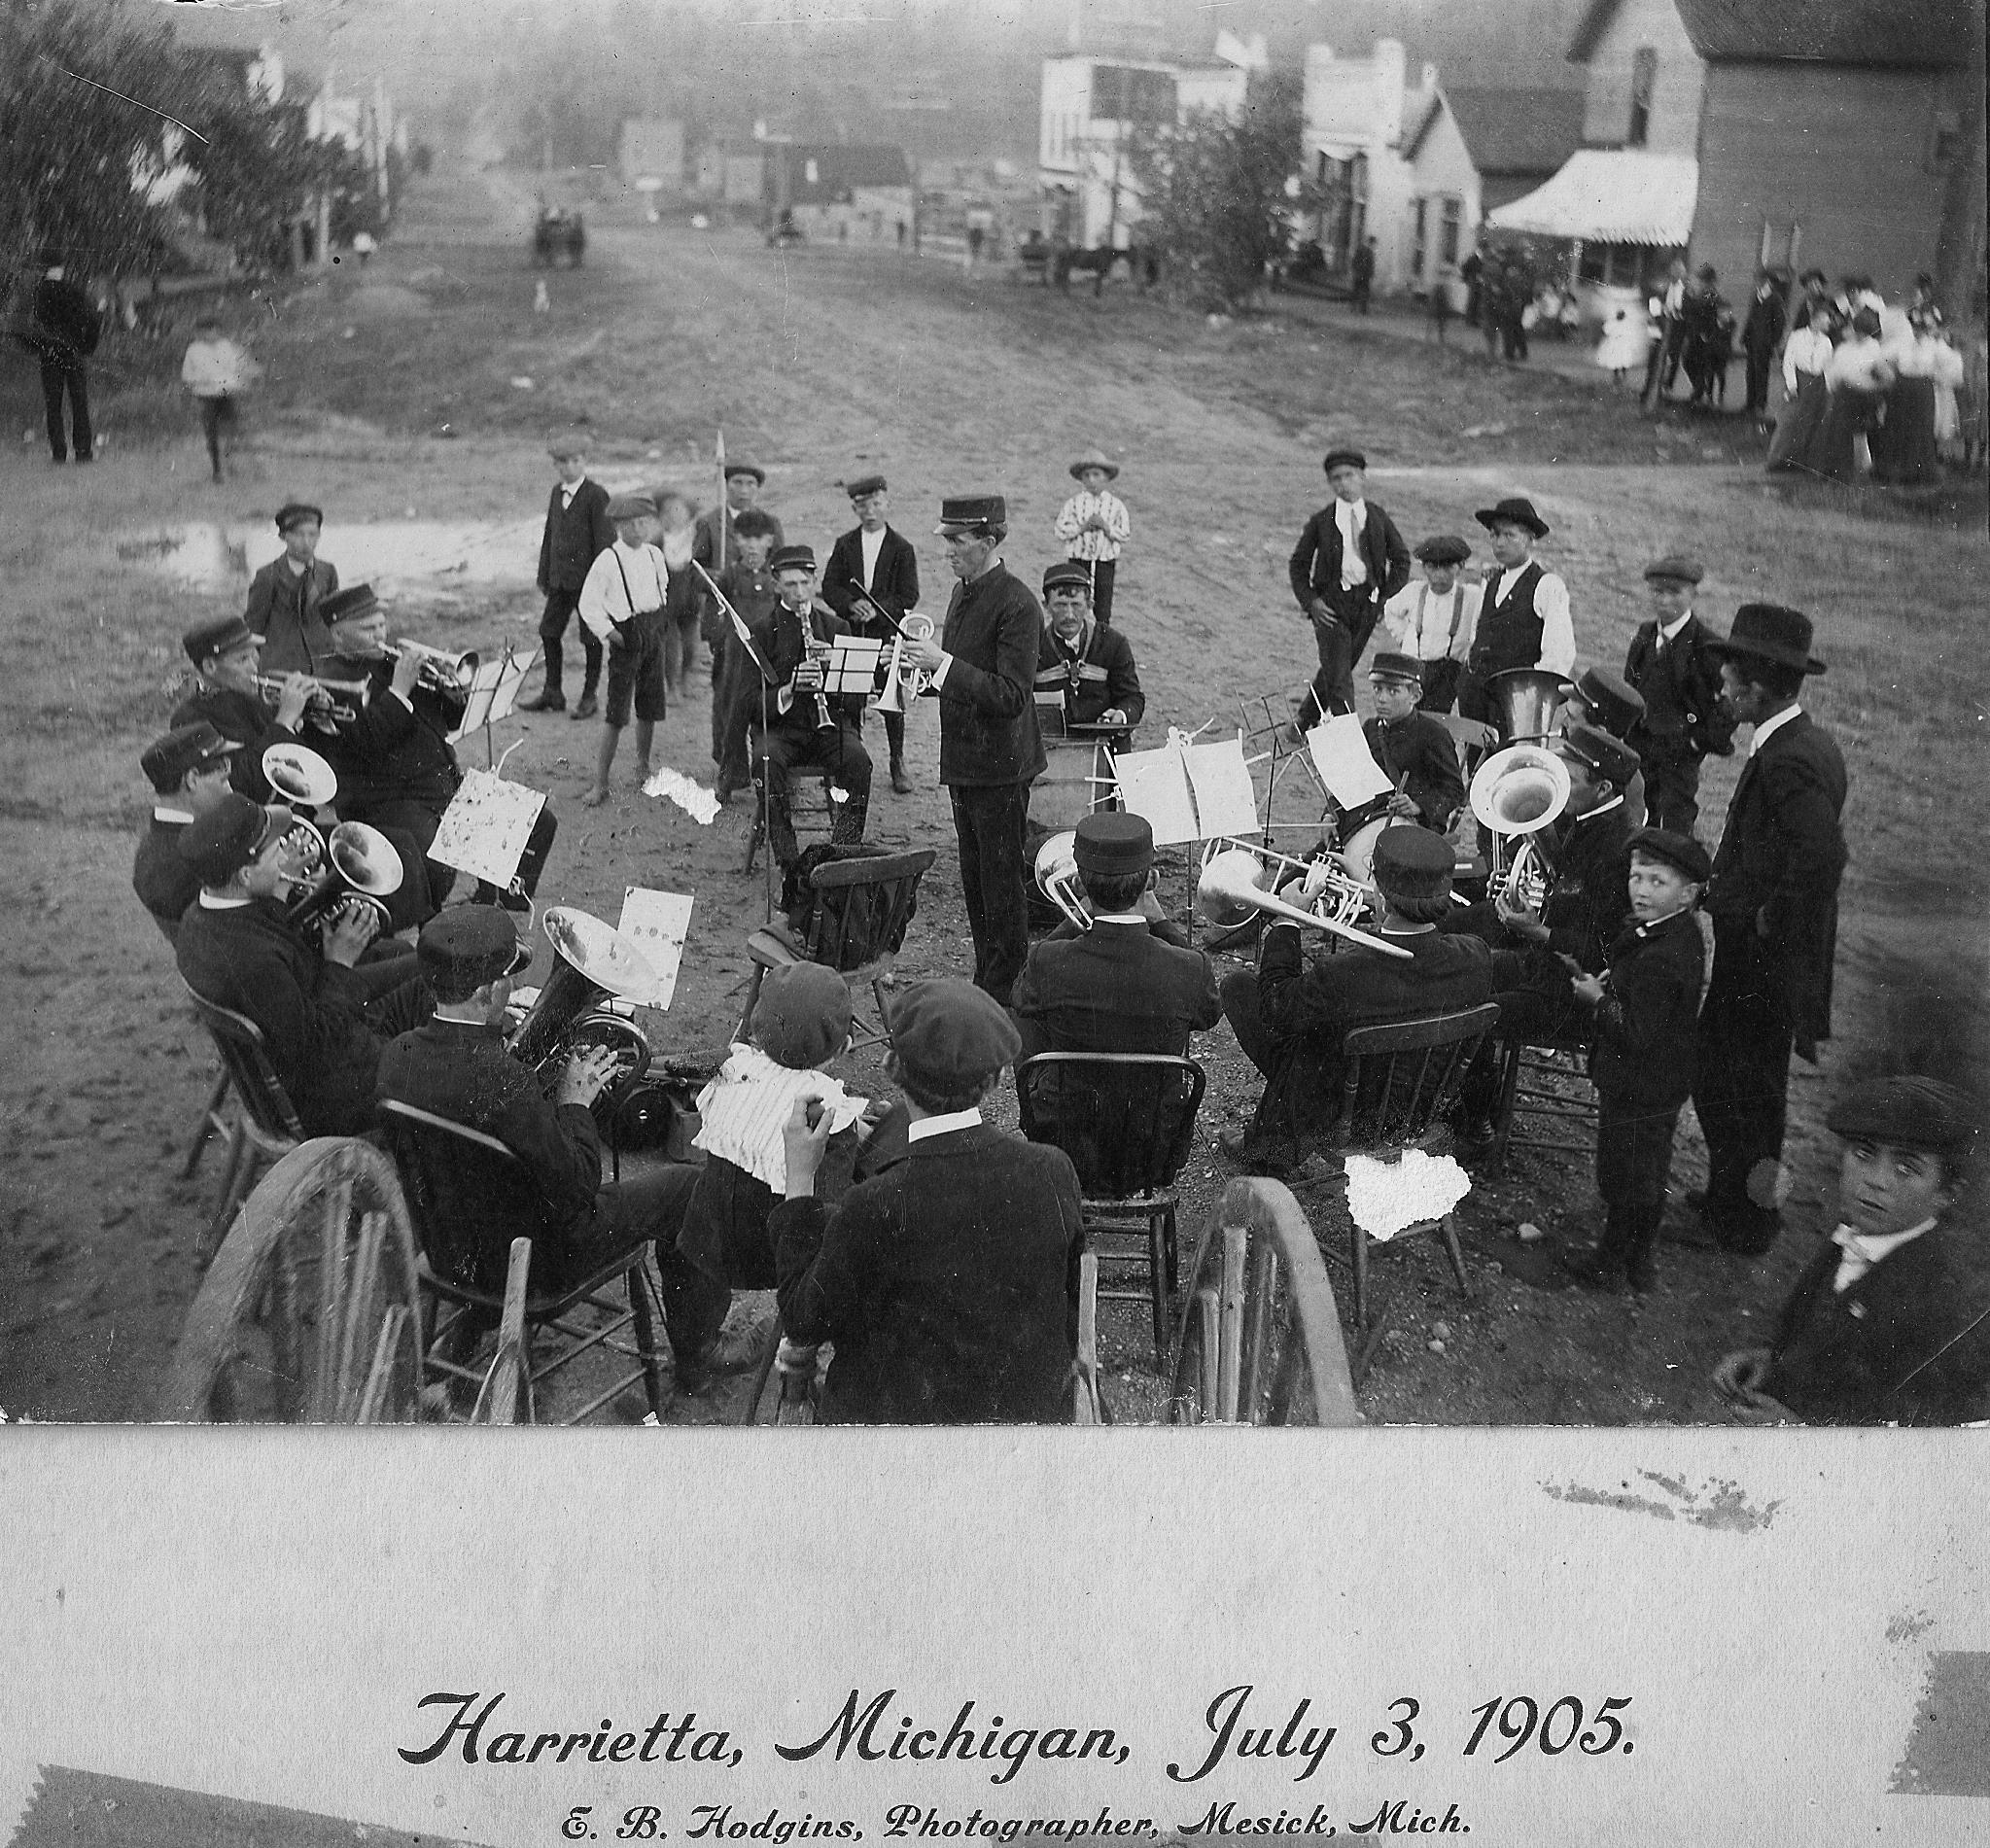 Harrietta Community Band